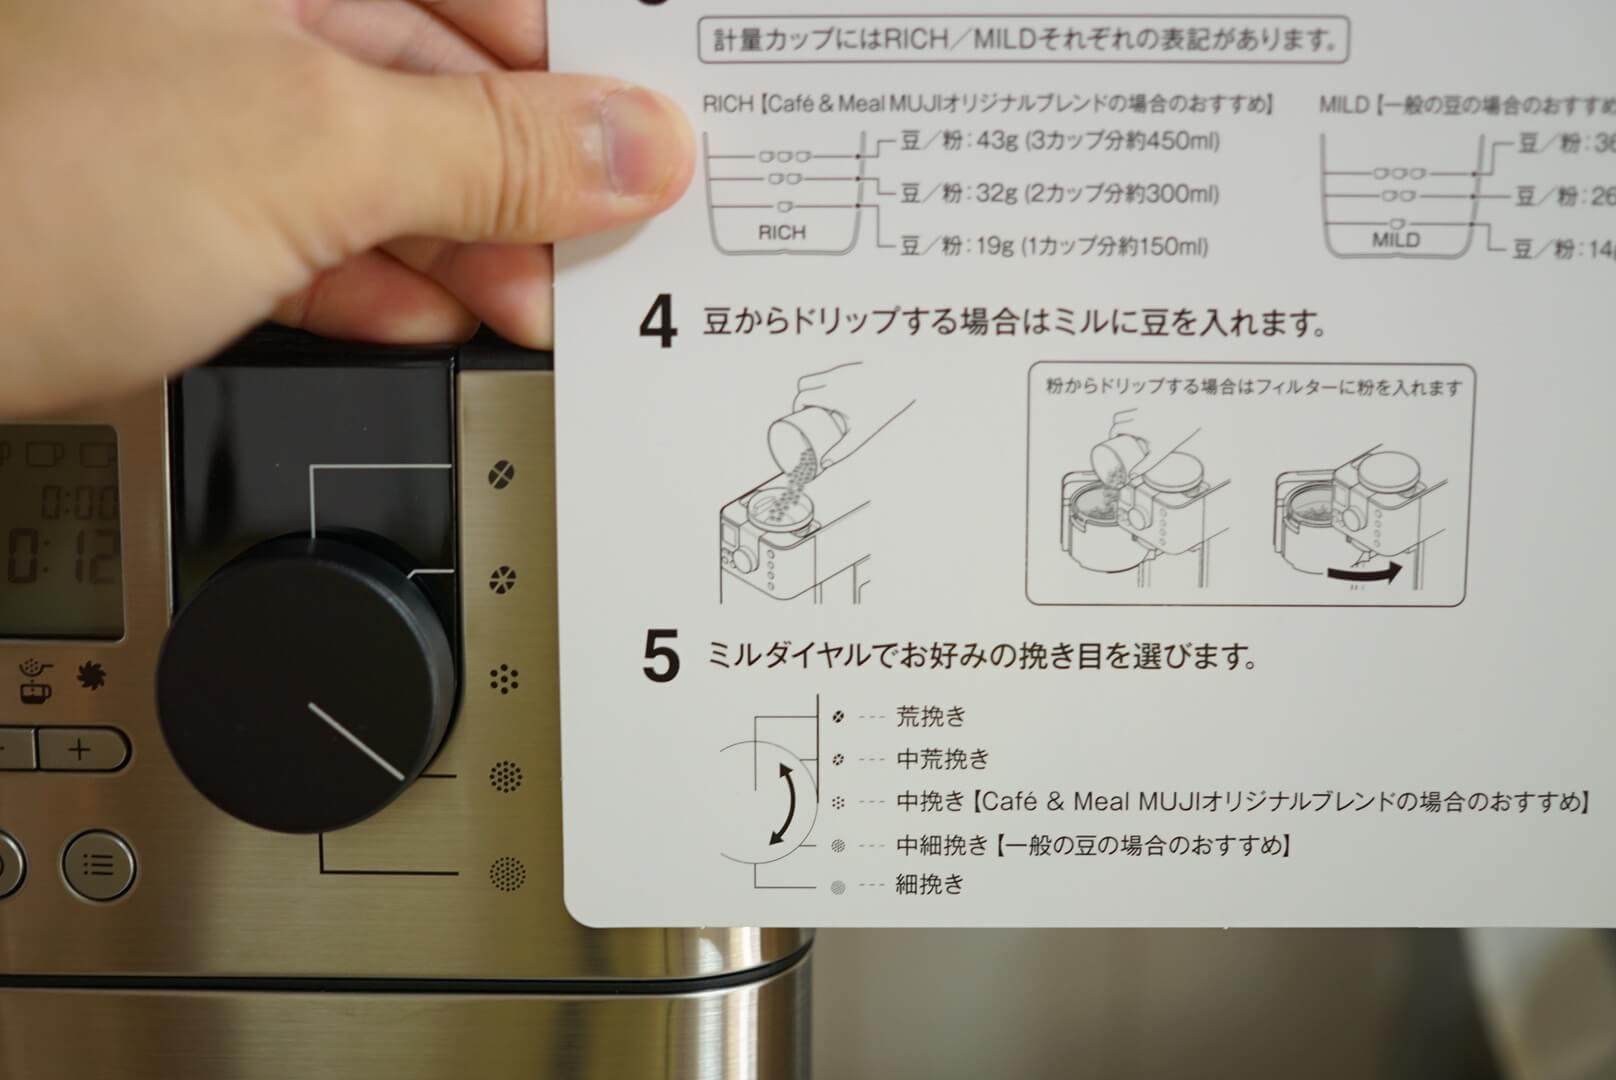 無印のコーヒーメーカーの操作マニュアル